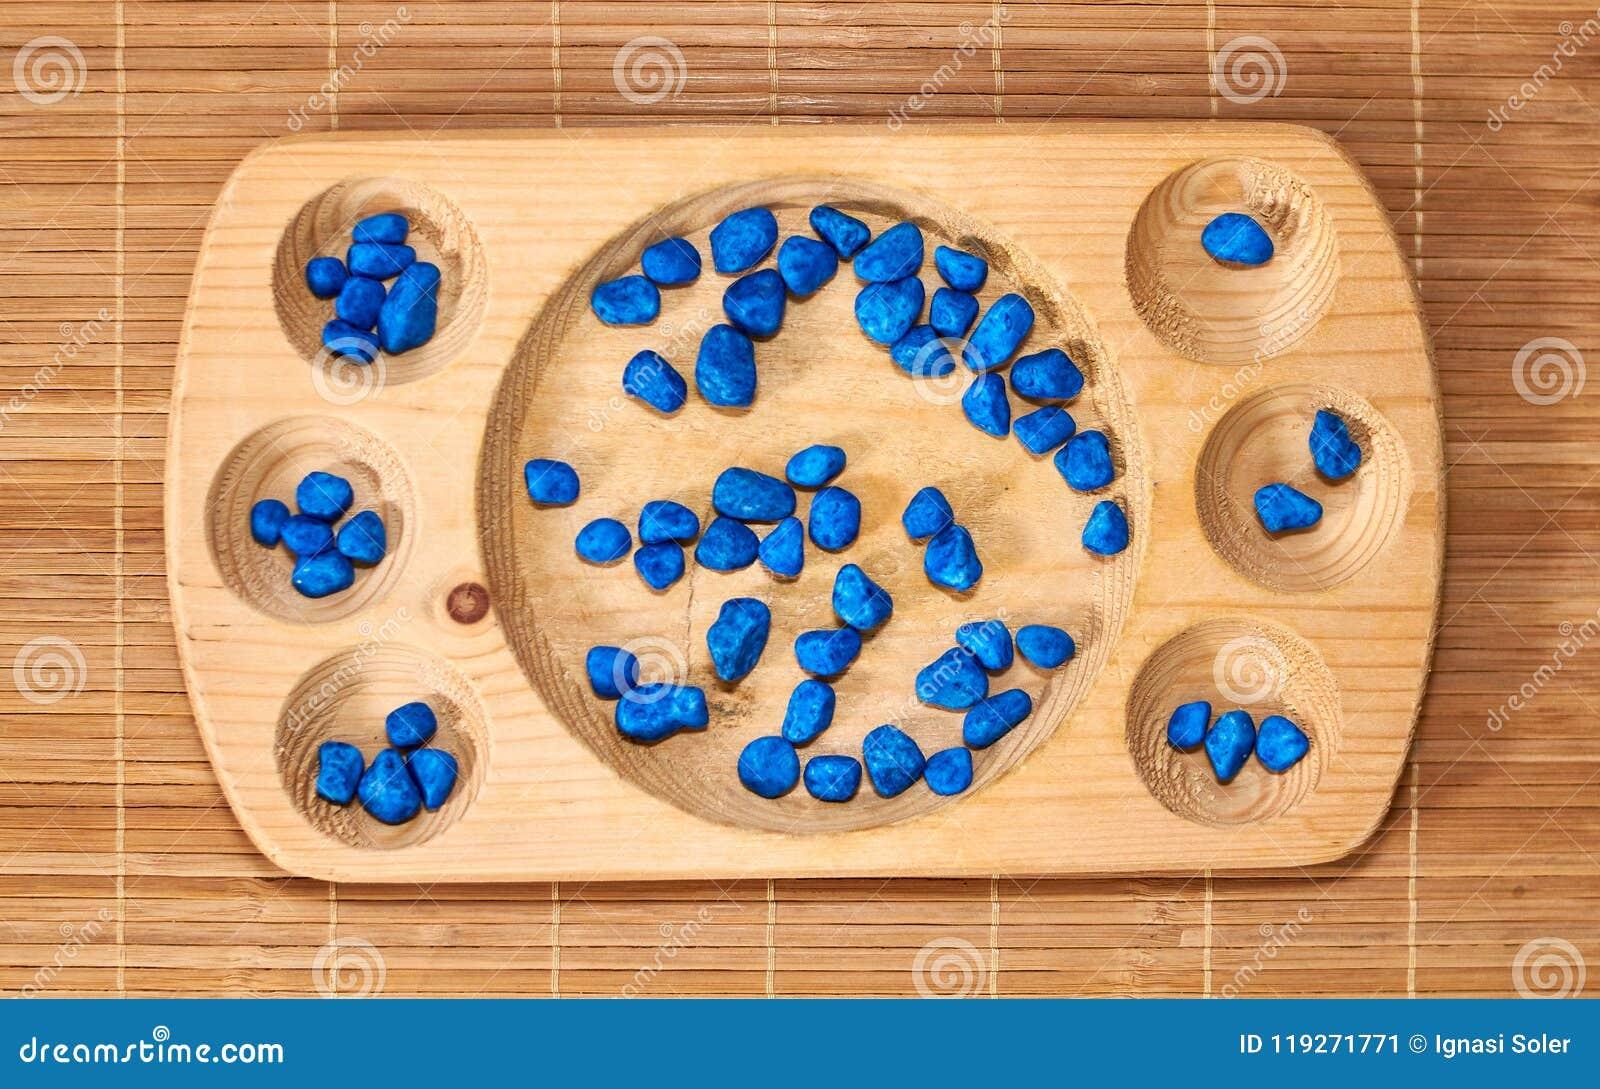 Ábaco de Montessori para contar